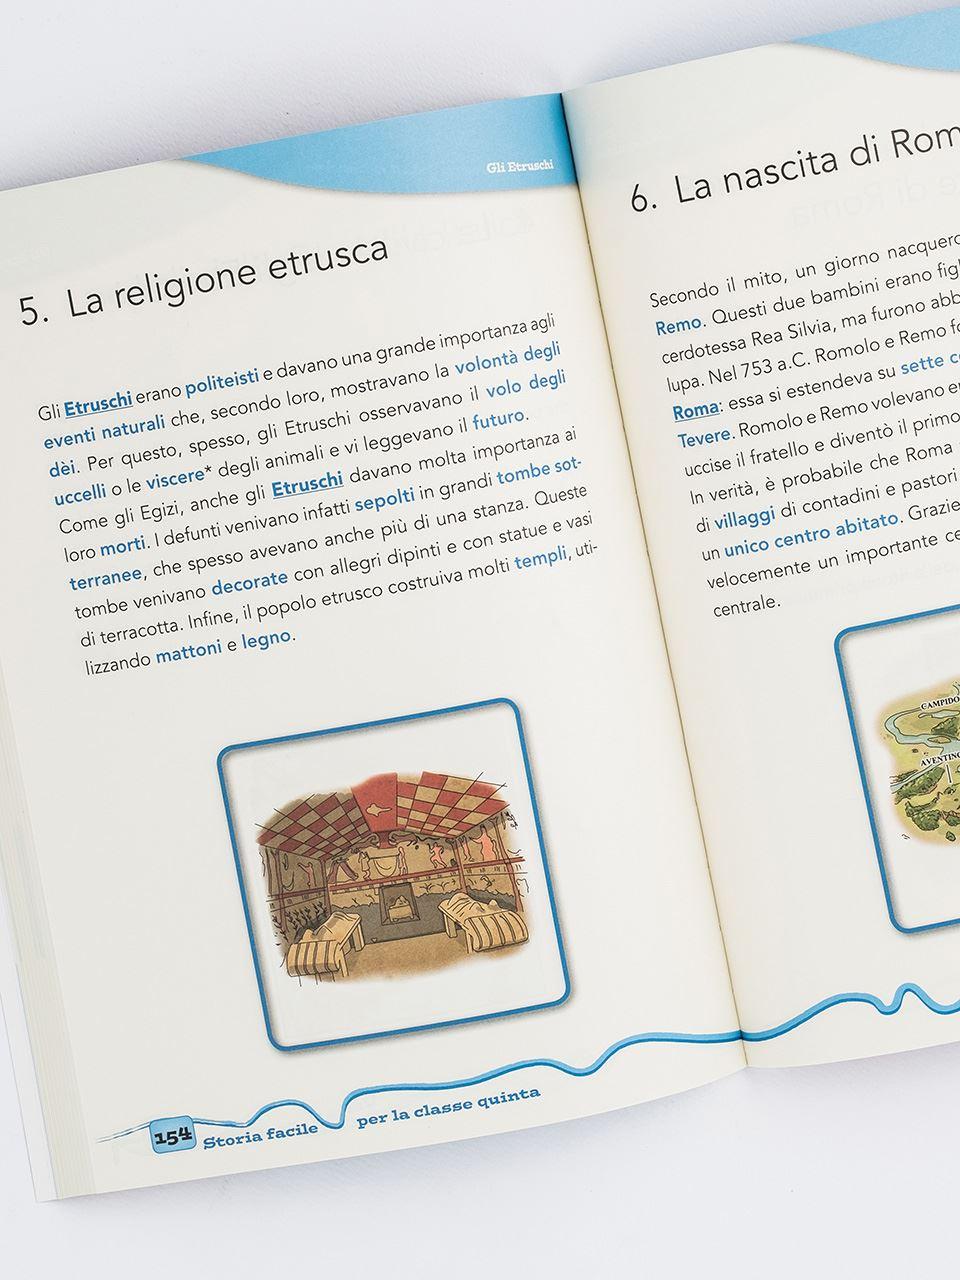 Storia facile per la classe quinta - Libri - App e software - Erickson 2